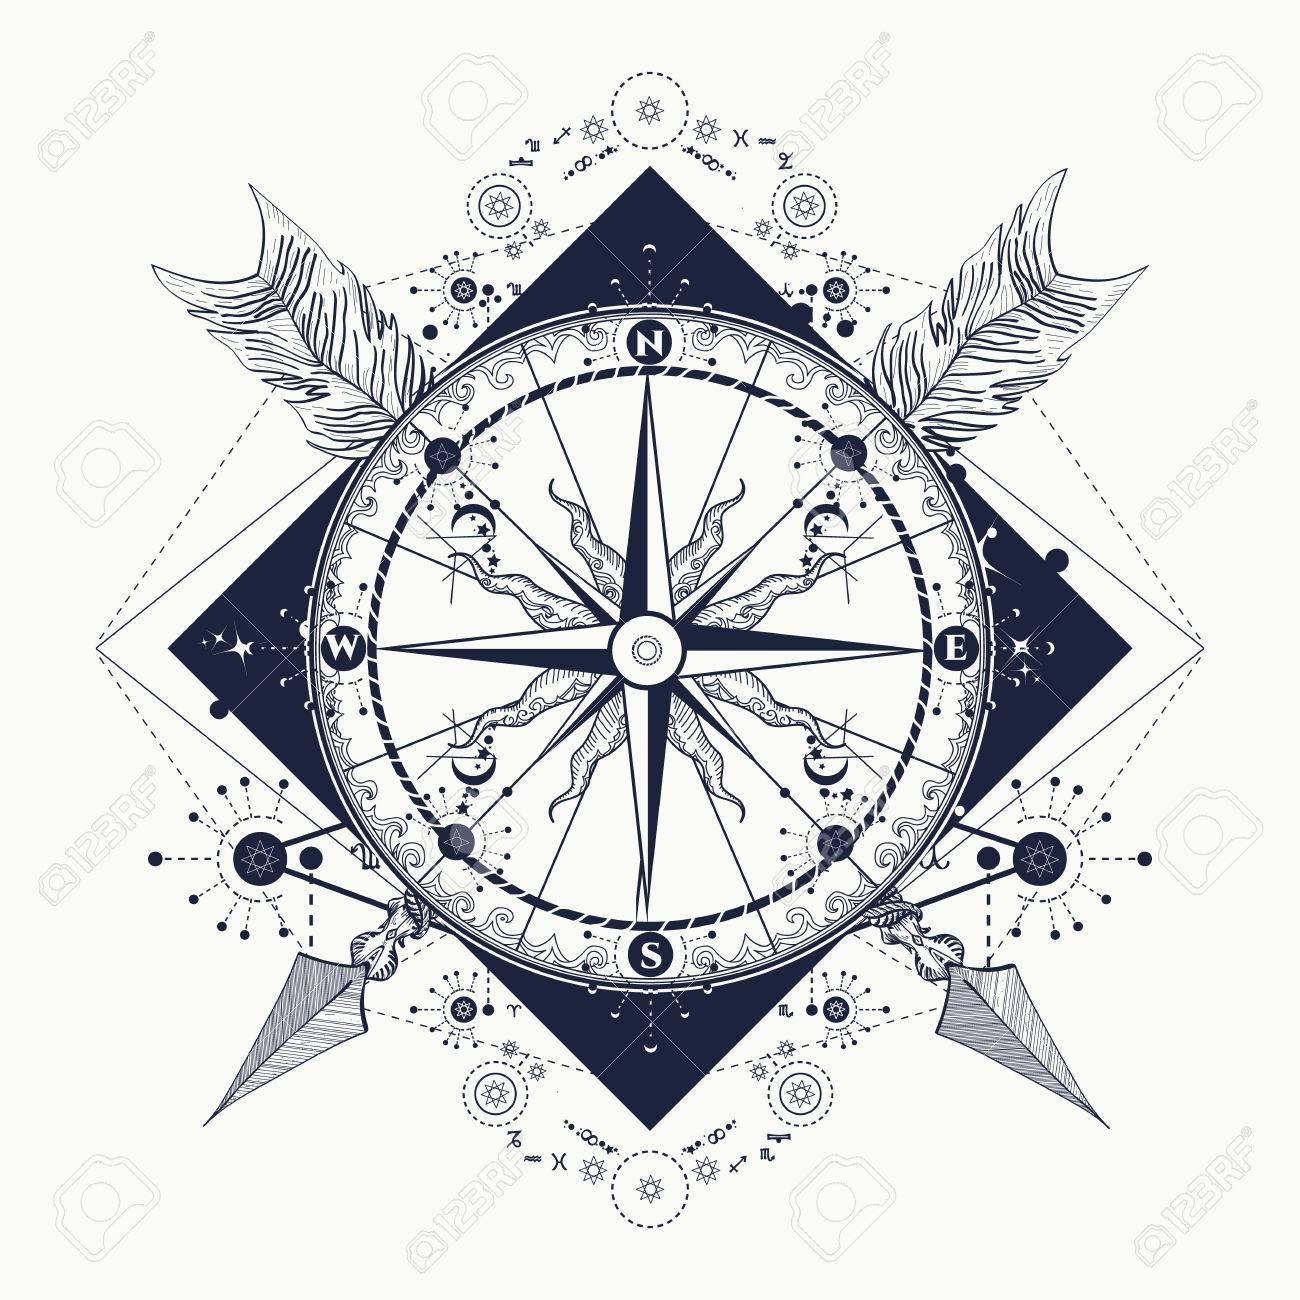 Compass Et Fleches Croisees L Art Du Tatouage Symbole Du Tourisme